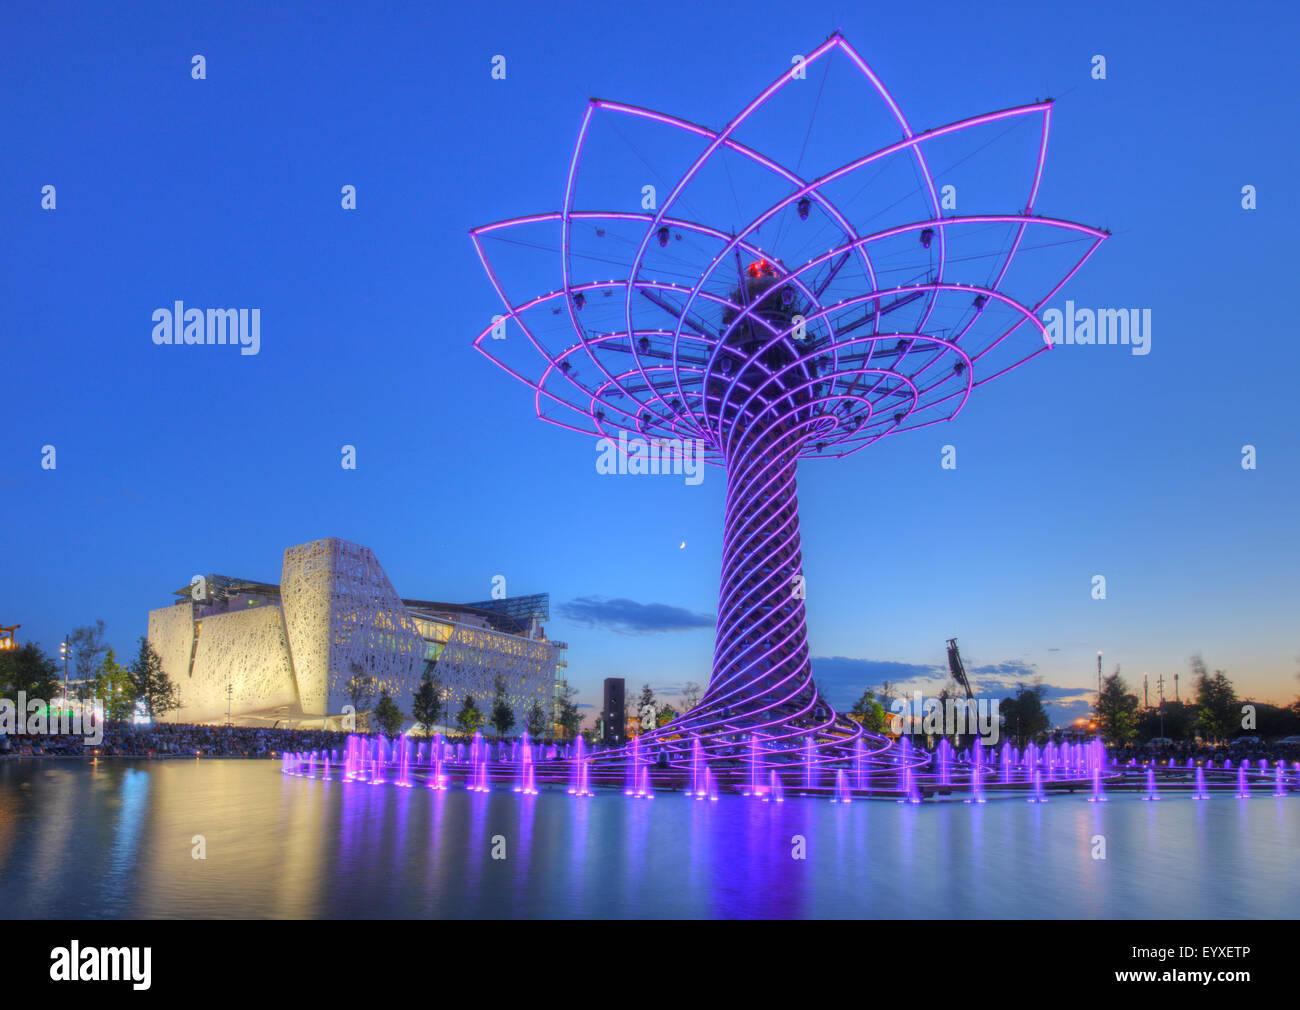 The Tree of Life at Lake Arena at Milan Expo 2015, Milan, Italy - Stock Image